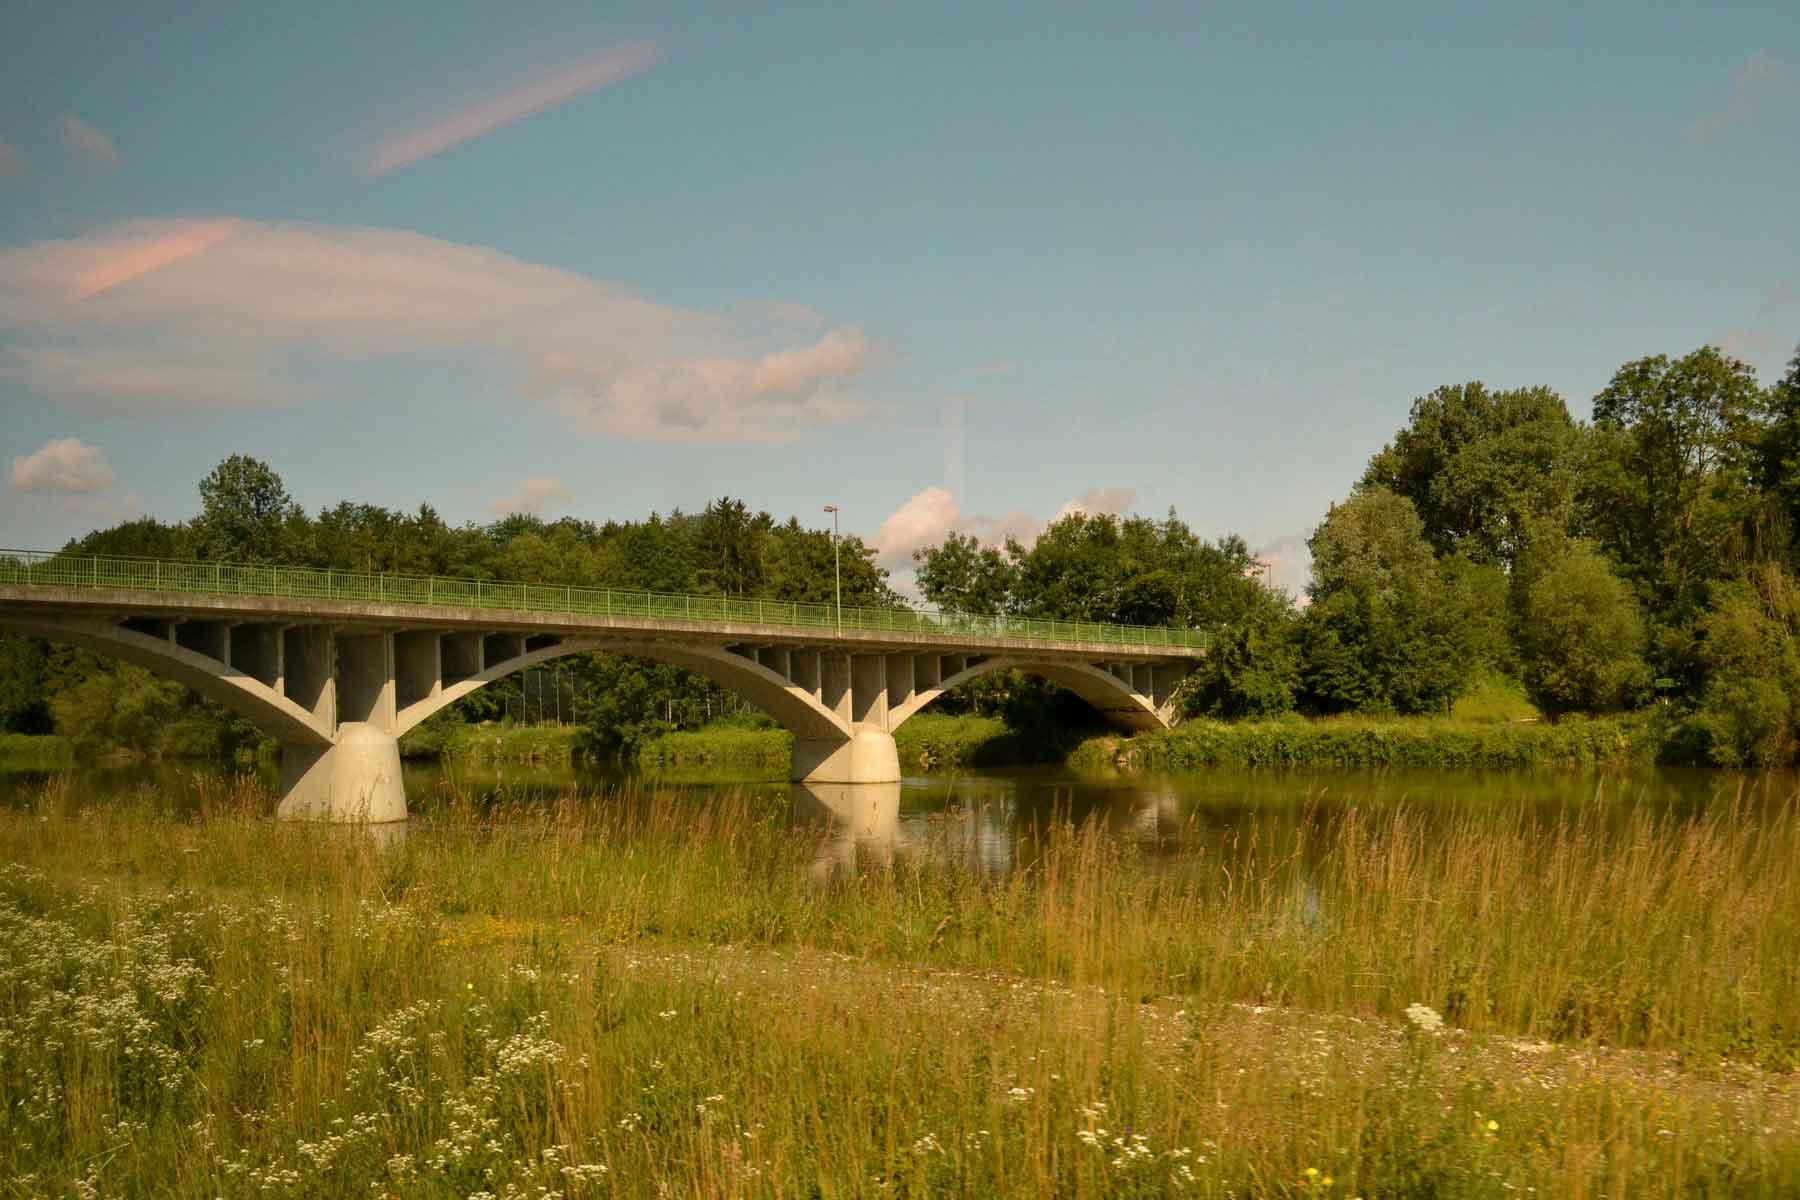 Bridges, Germany by train. Image©gunjanvirk